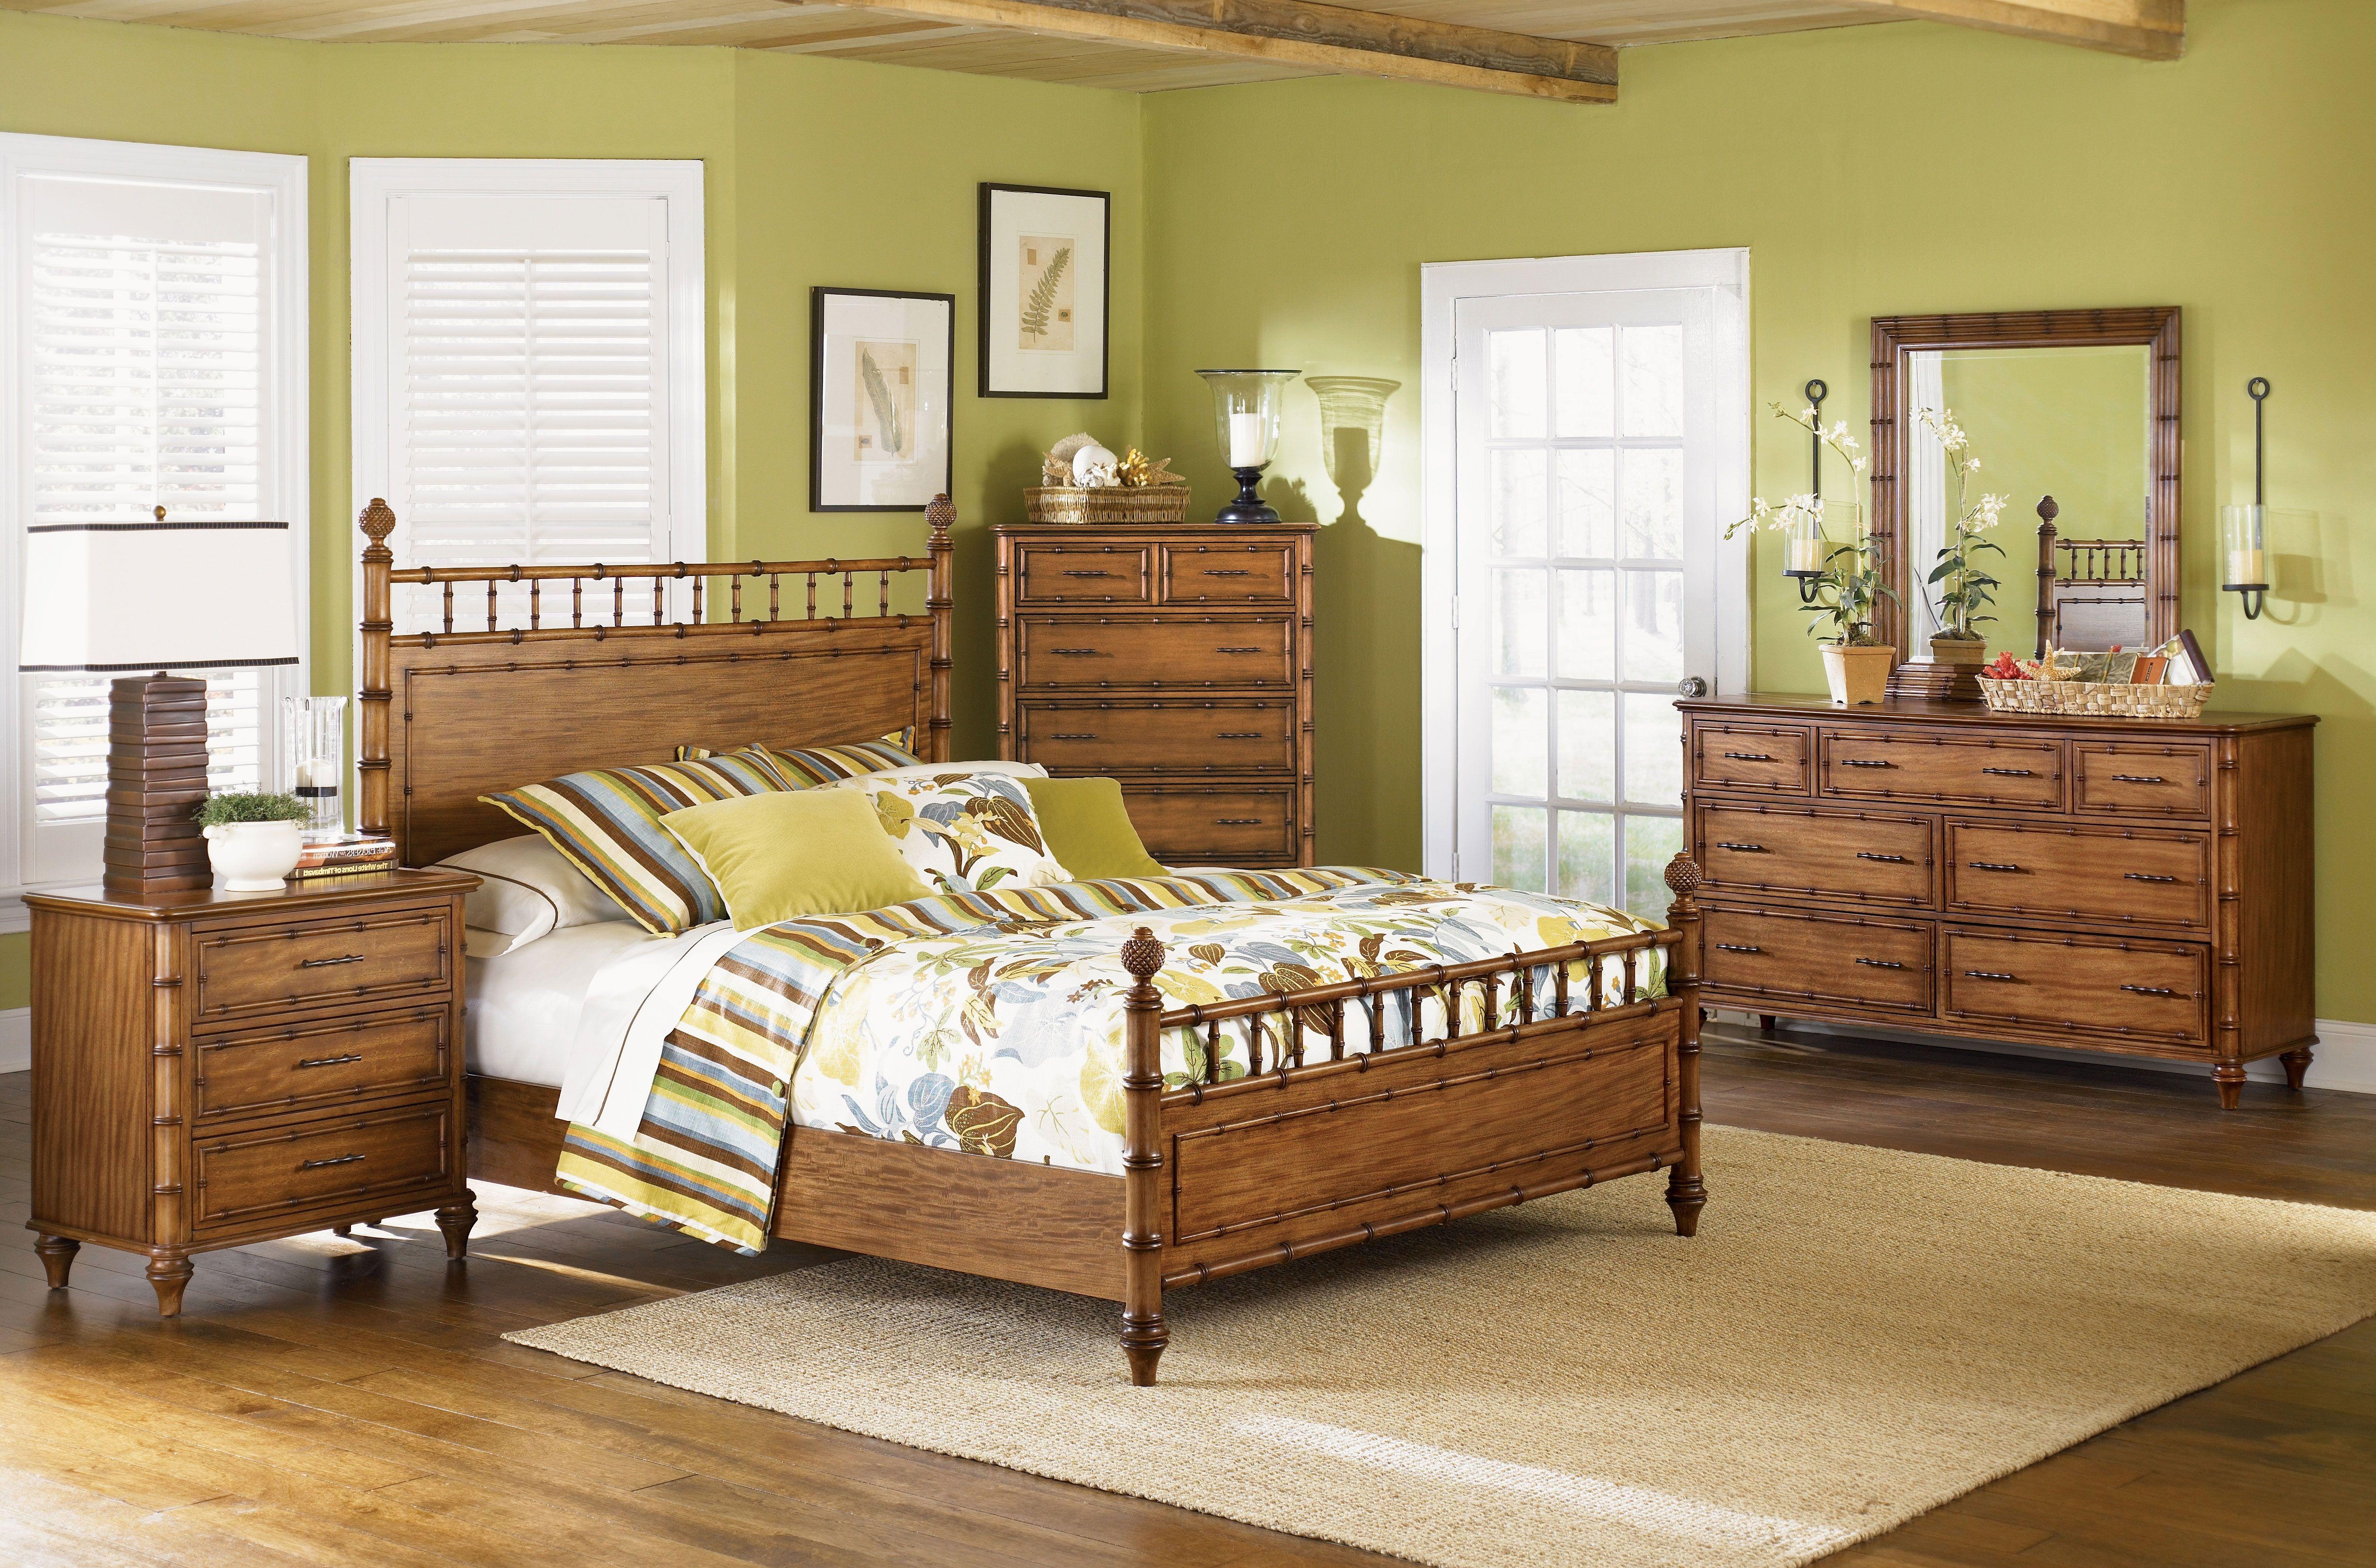 Bamboo bedroom furniture sets bedroom sets pinterest